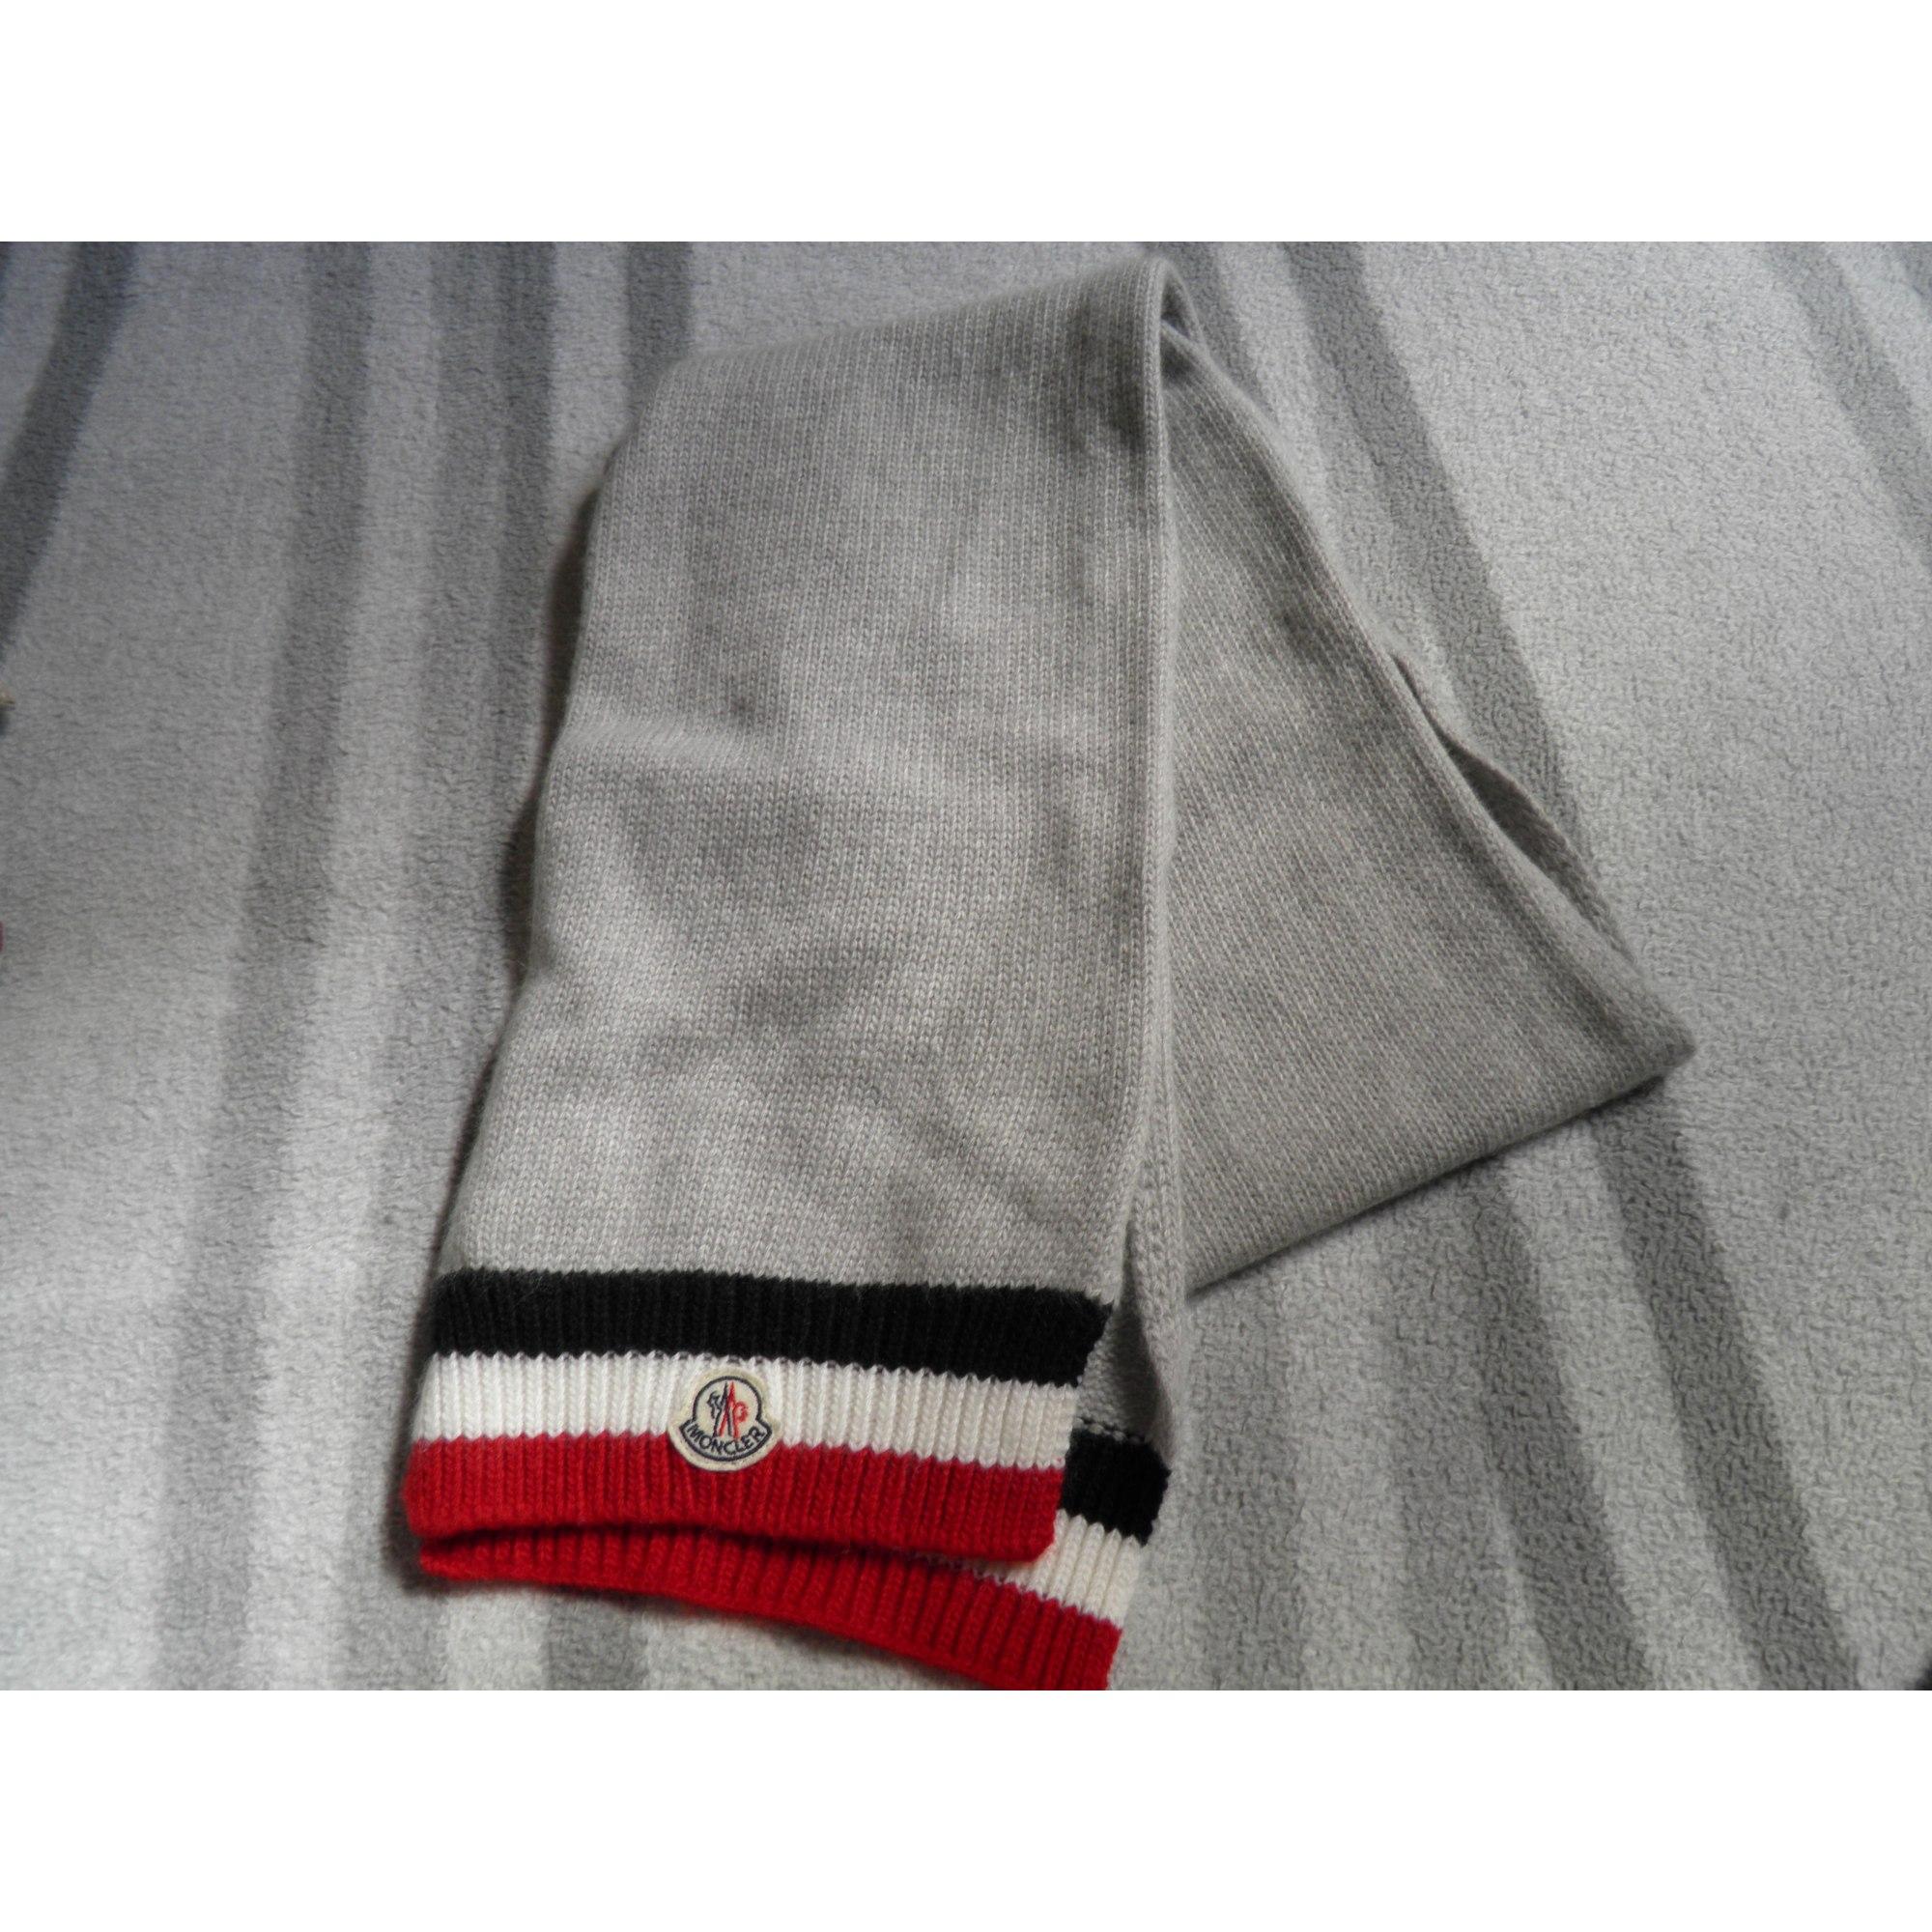 370d89e3a950 Echarpe MONCLER gris vendu par Ludivine8136 - 5930372